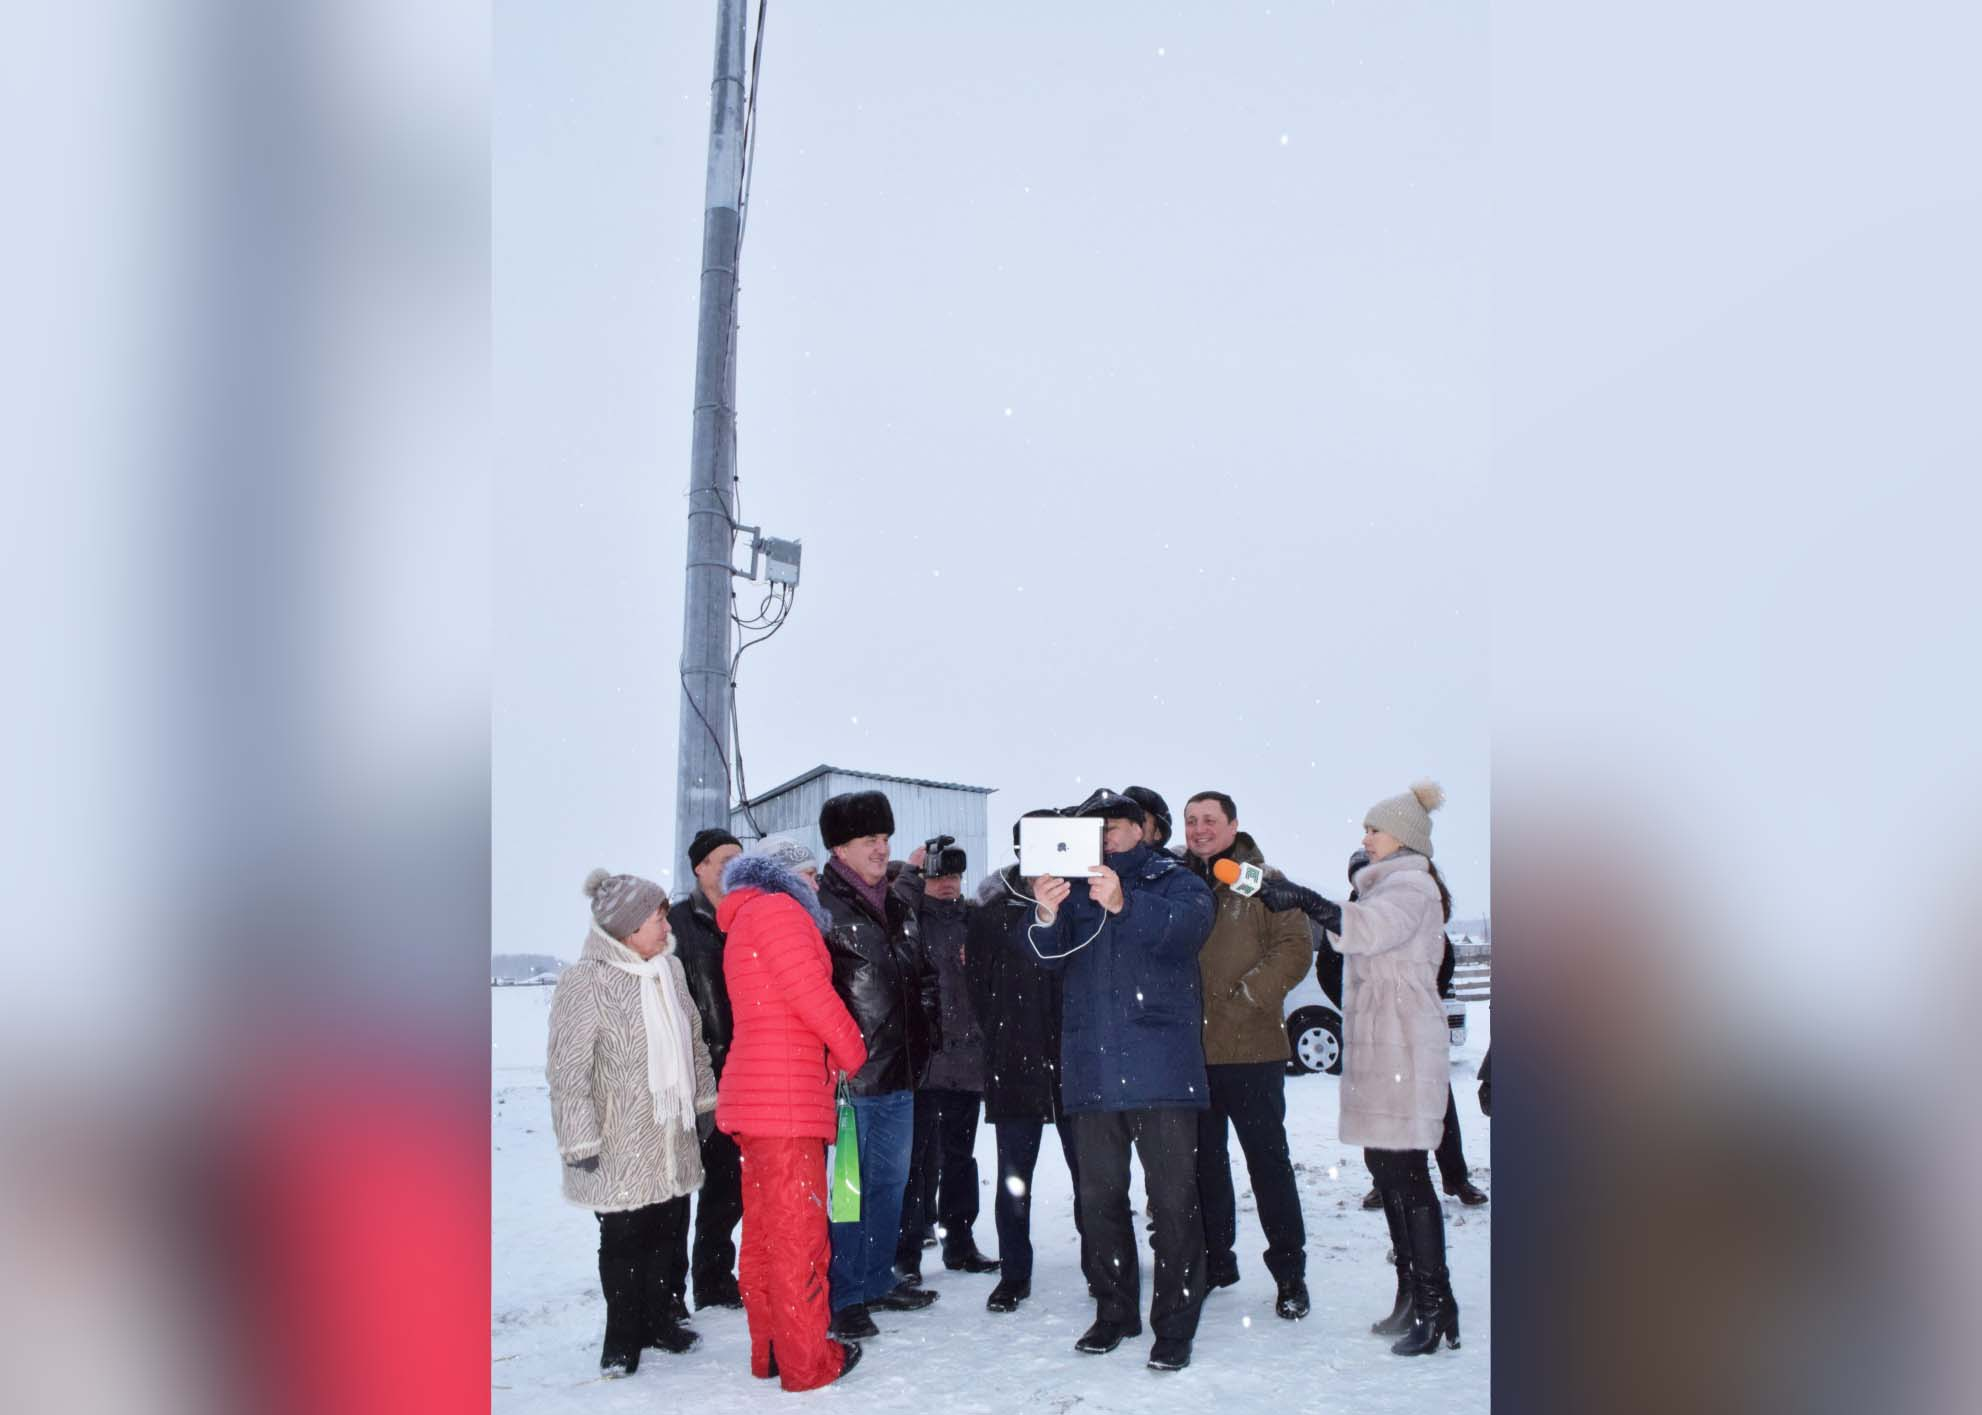 Первыми высокое качество сигнала оценили заместитель губернатора Челябинской области Руслан Гатта